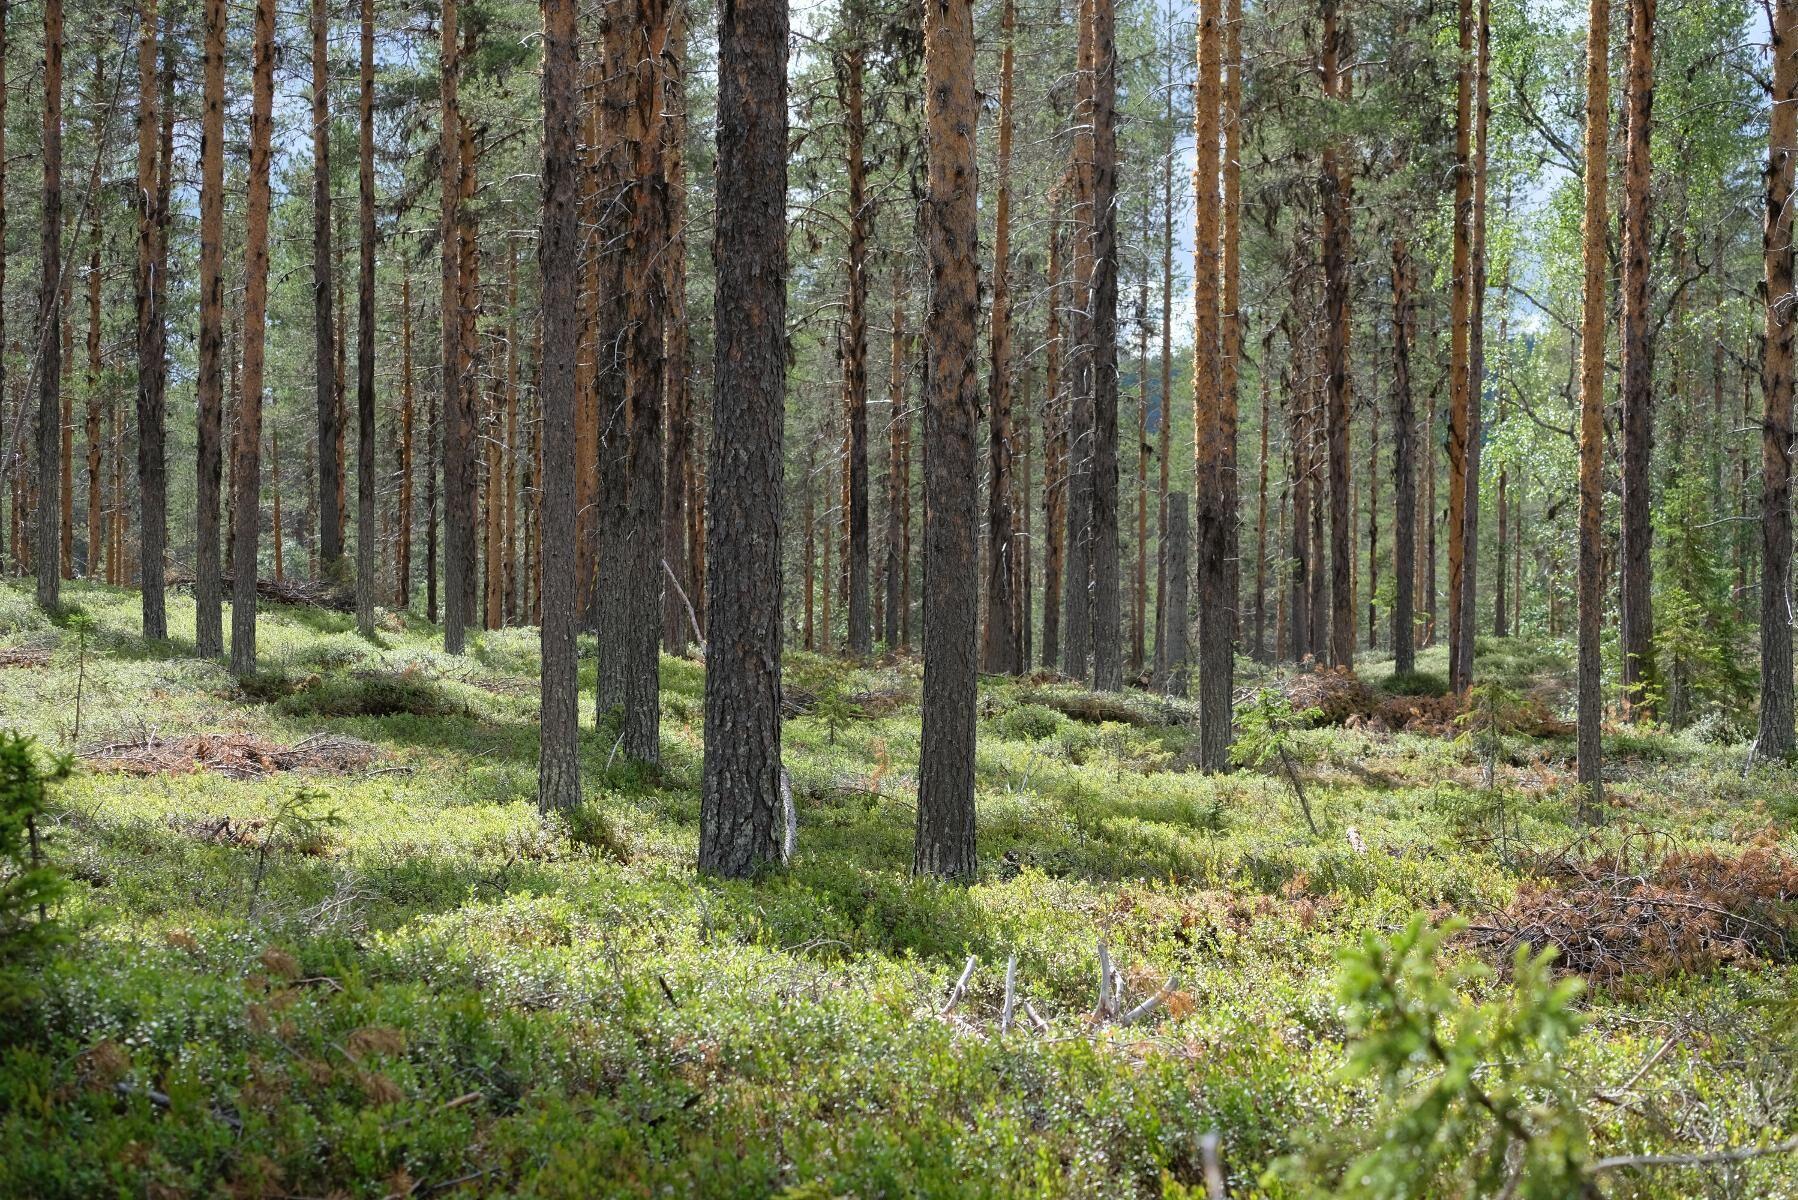 Nya läropaket till gymnasieelever ska vända trenden med gradvis minskat antal sökande till skogsutbildningar.